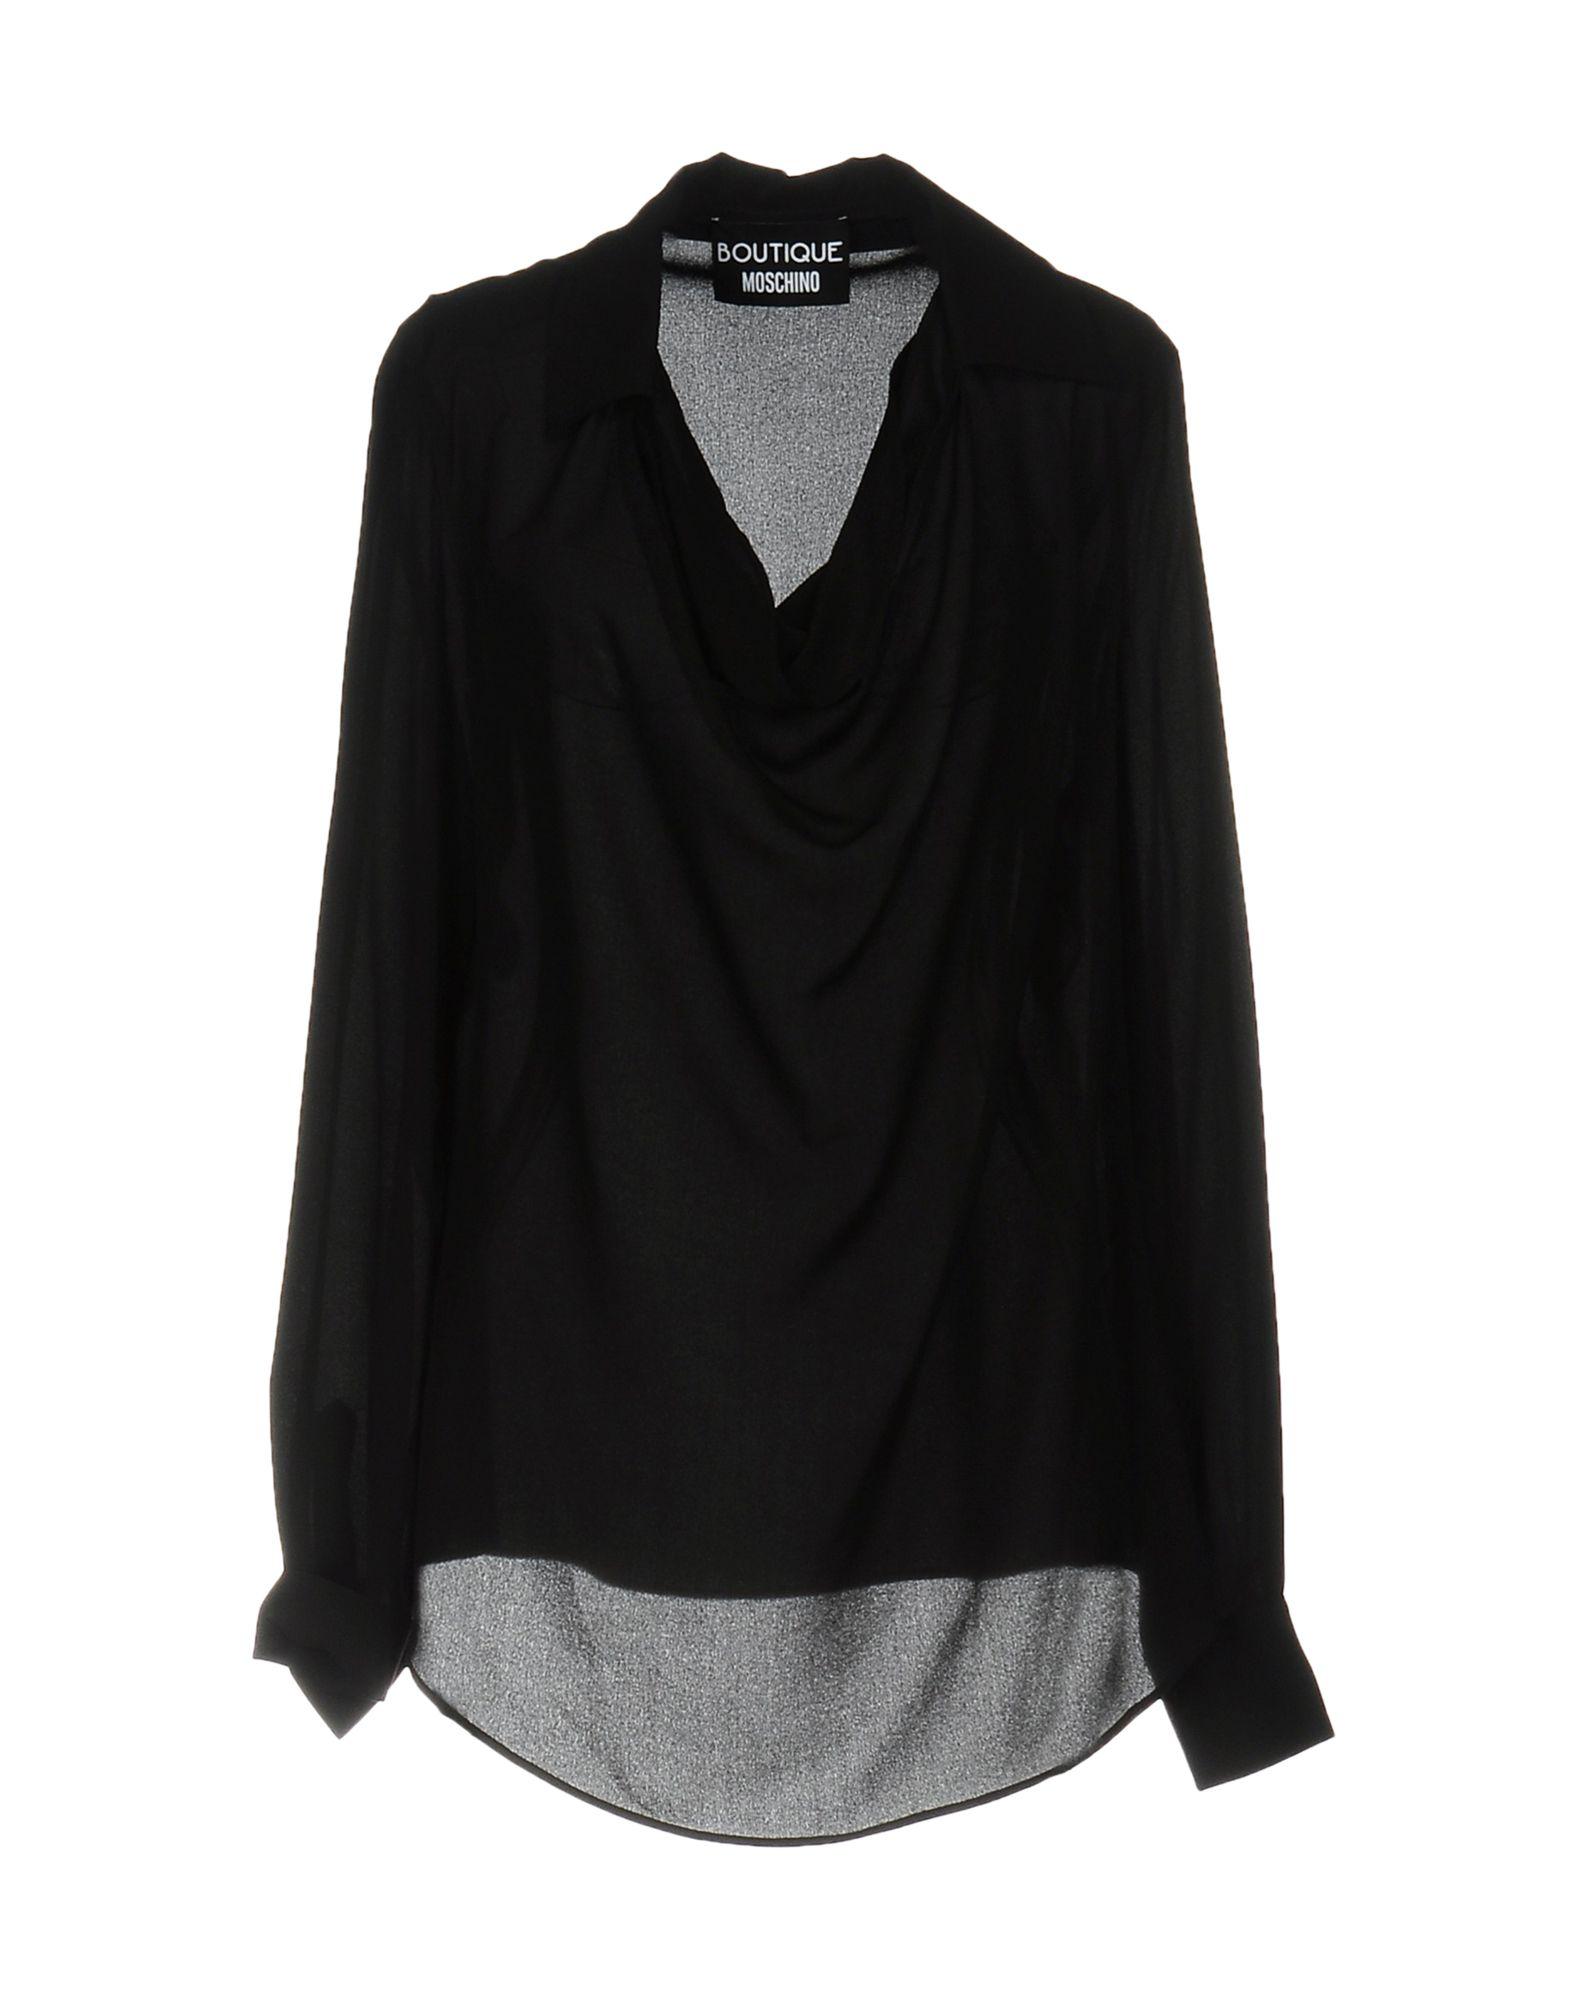 купить BOUTIQUE MOSCHINO Блузка дешево